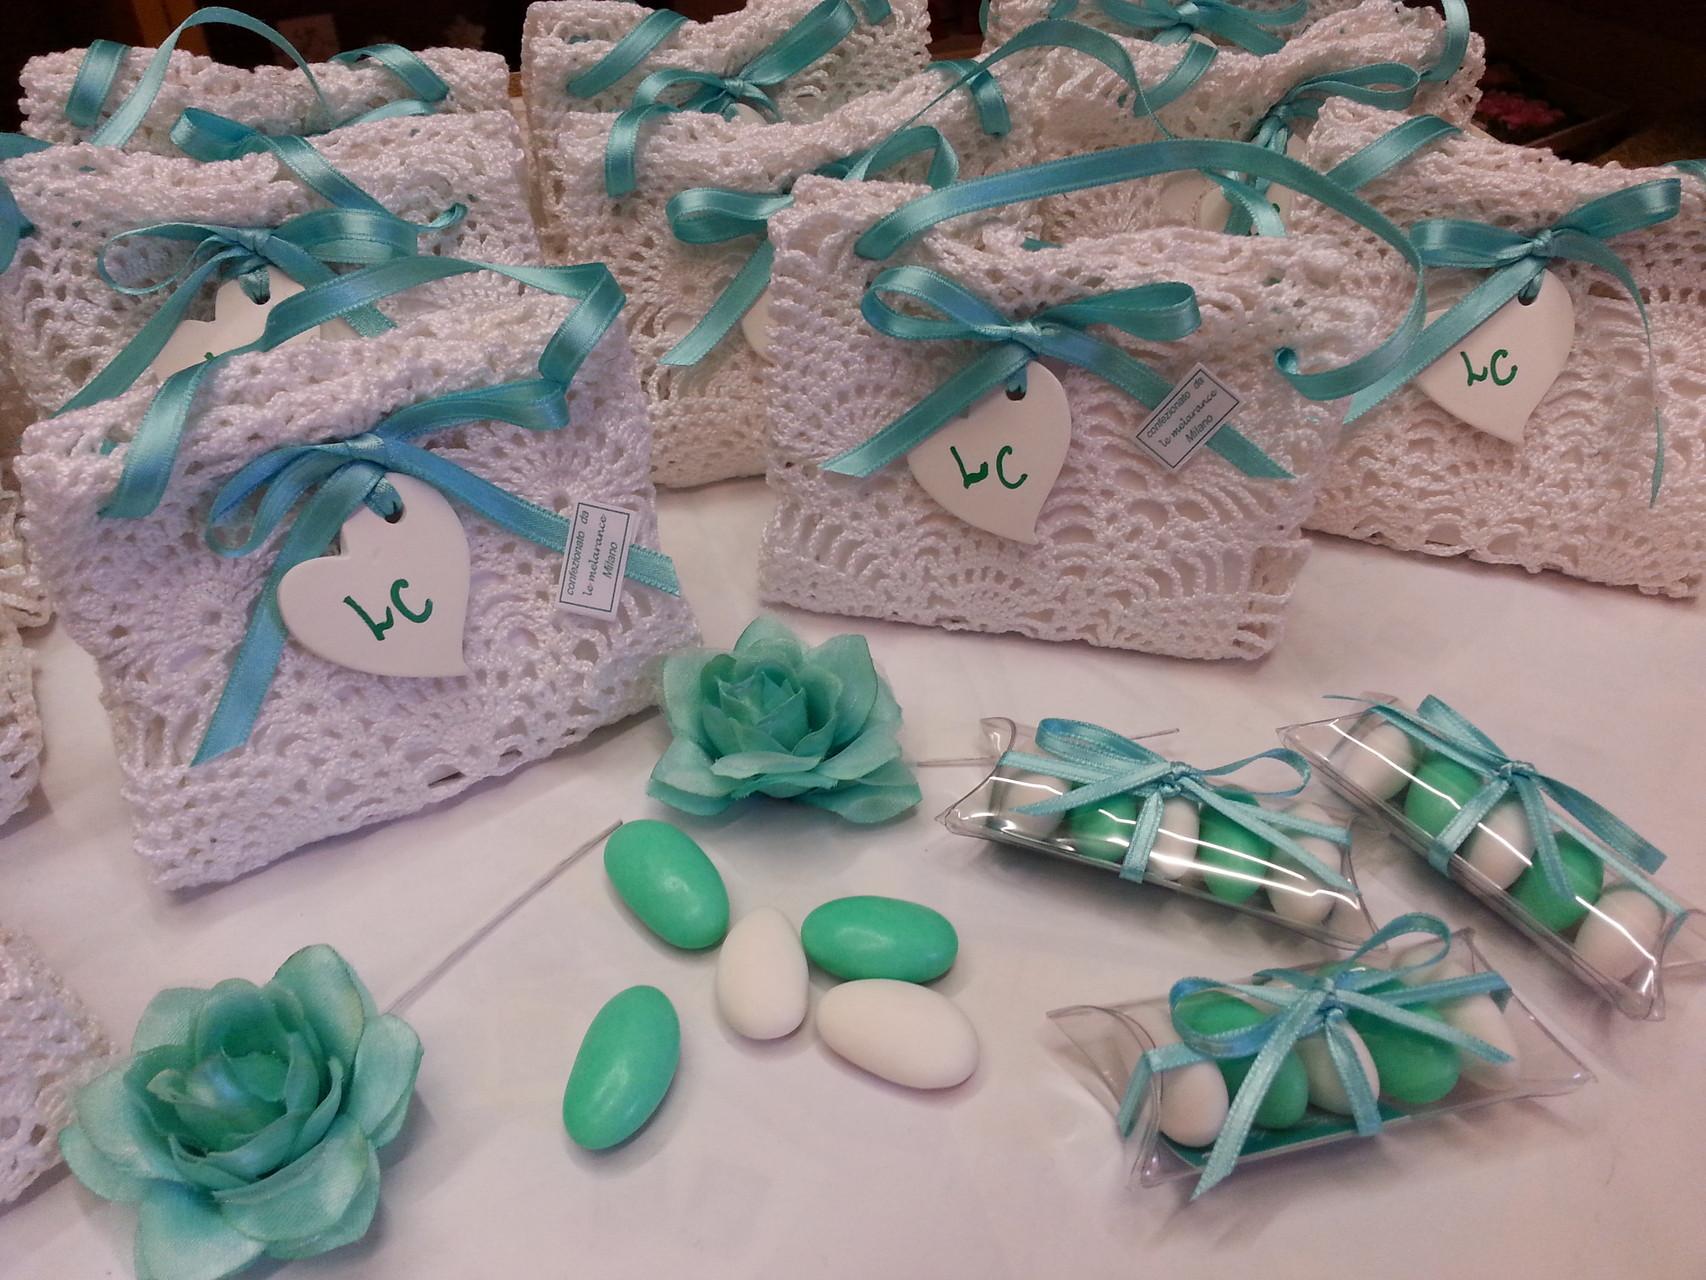 L'insieme delle borsine abbellite da un cuore in gesso con le iniziali degli sposi scritte a mano